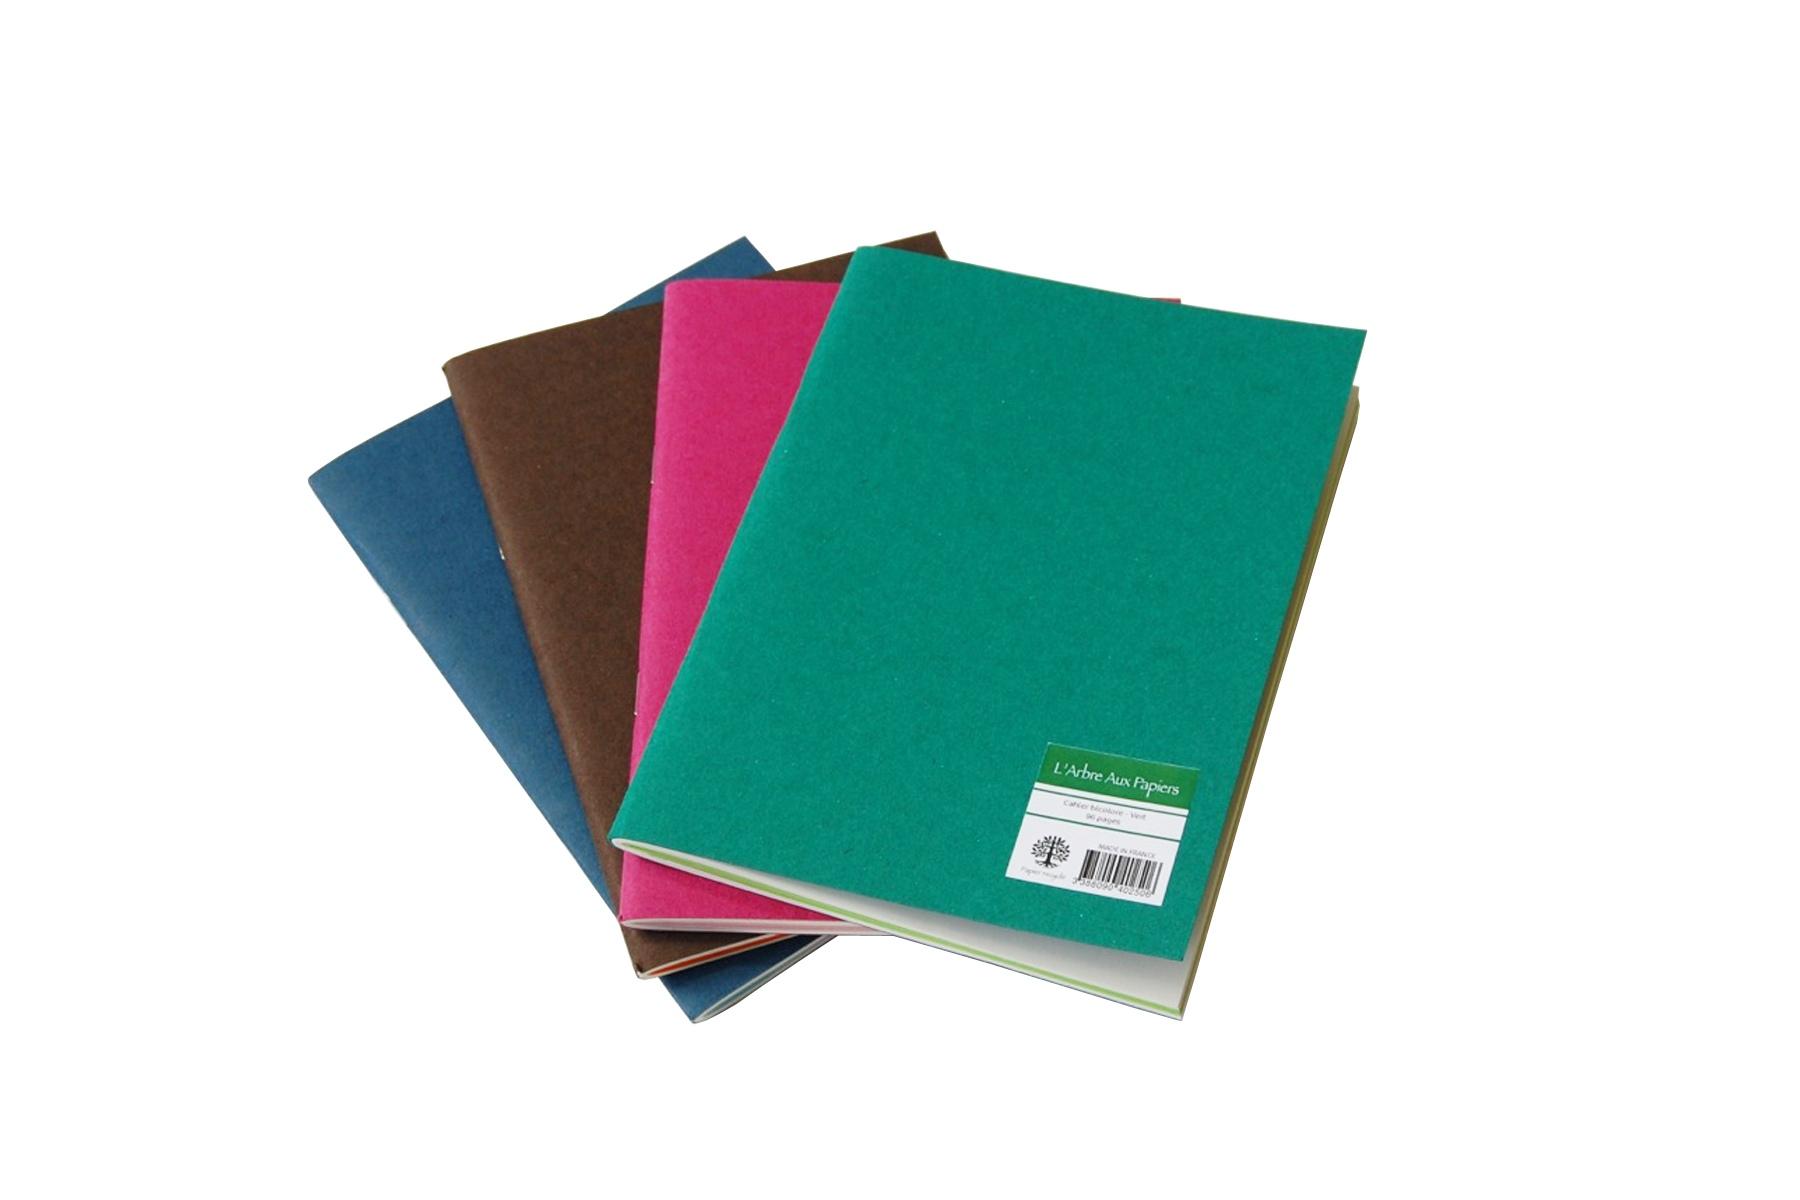 acheter cahier pas cher avec comparacile petites fournitures de bureau. Black Bedroom Furniture Sets. Home Design Ideas